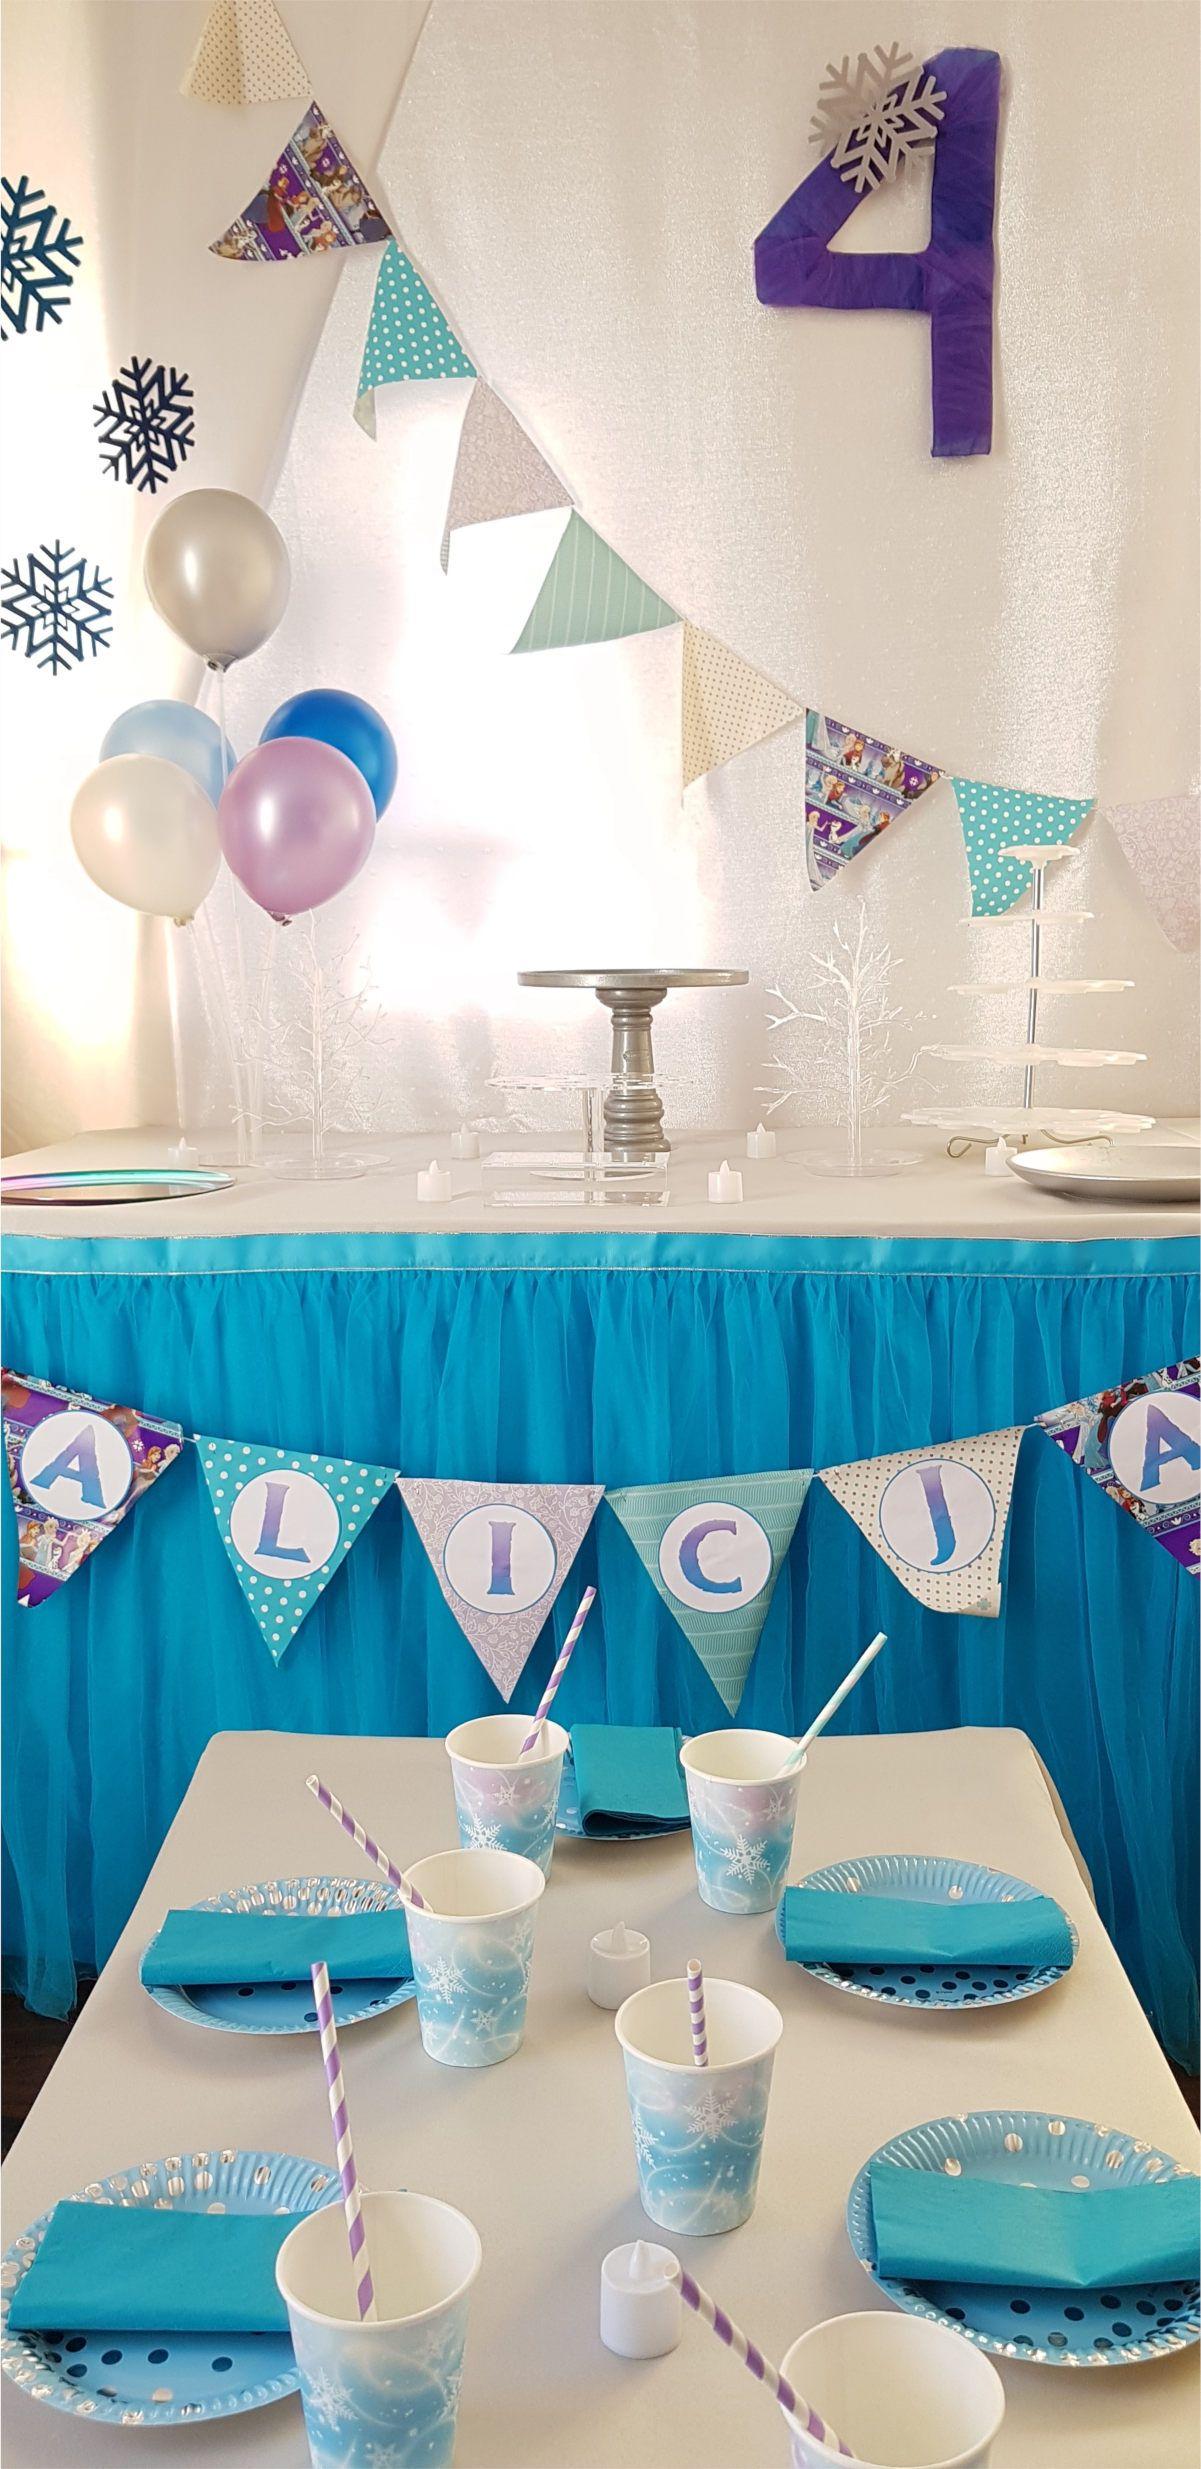 Stylizacja Przyjecia Urodzinowego W Stylu Krainy Lodu Urodziny Z